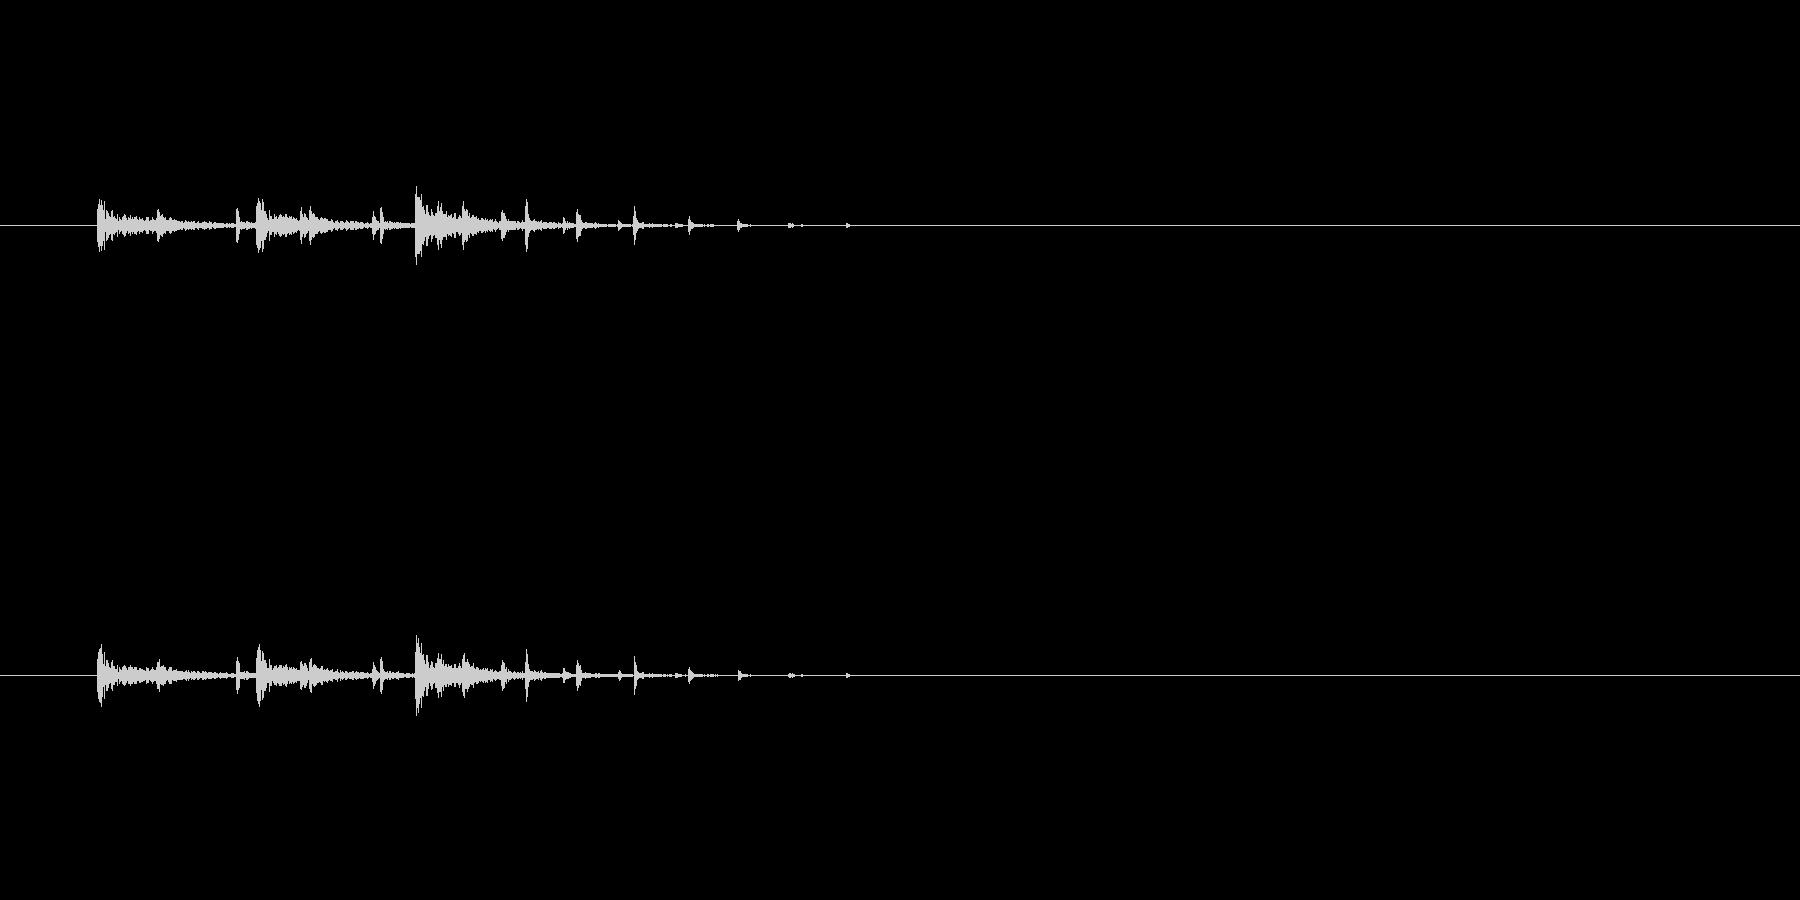 システム・ボタン音5の未再生の波形